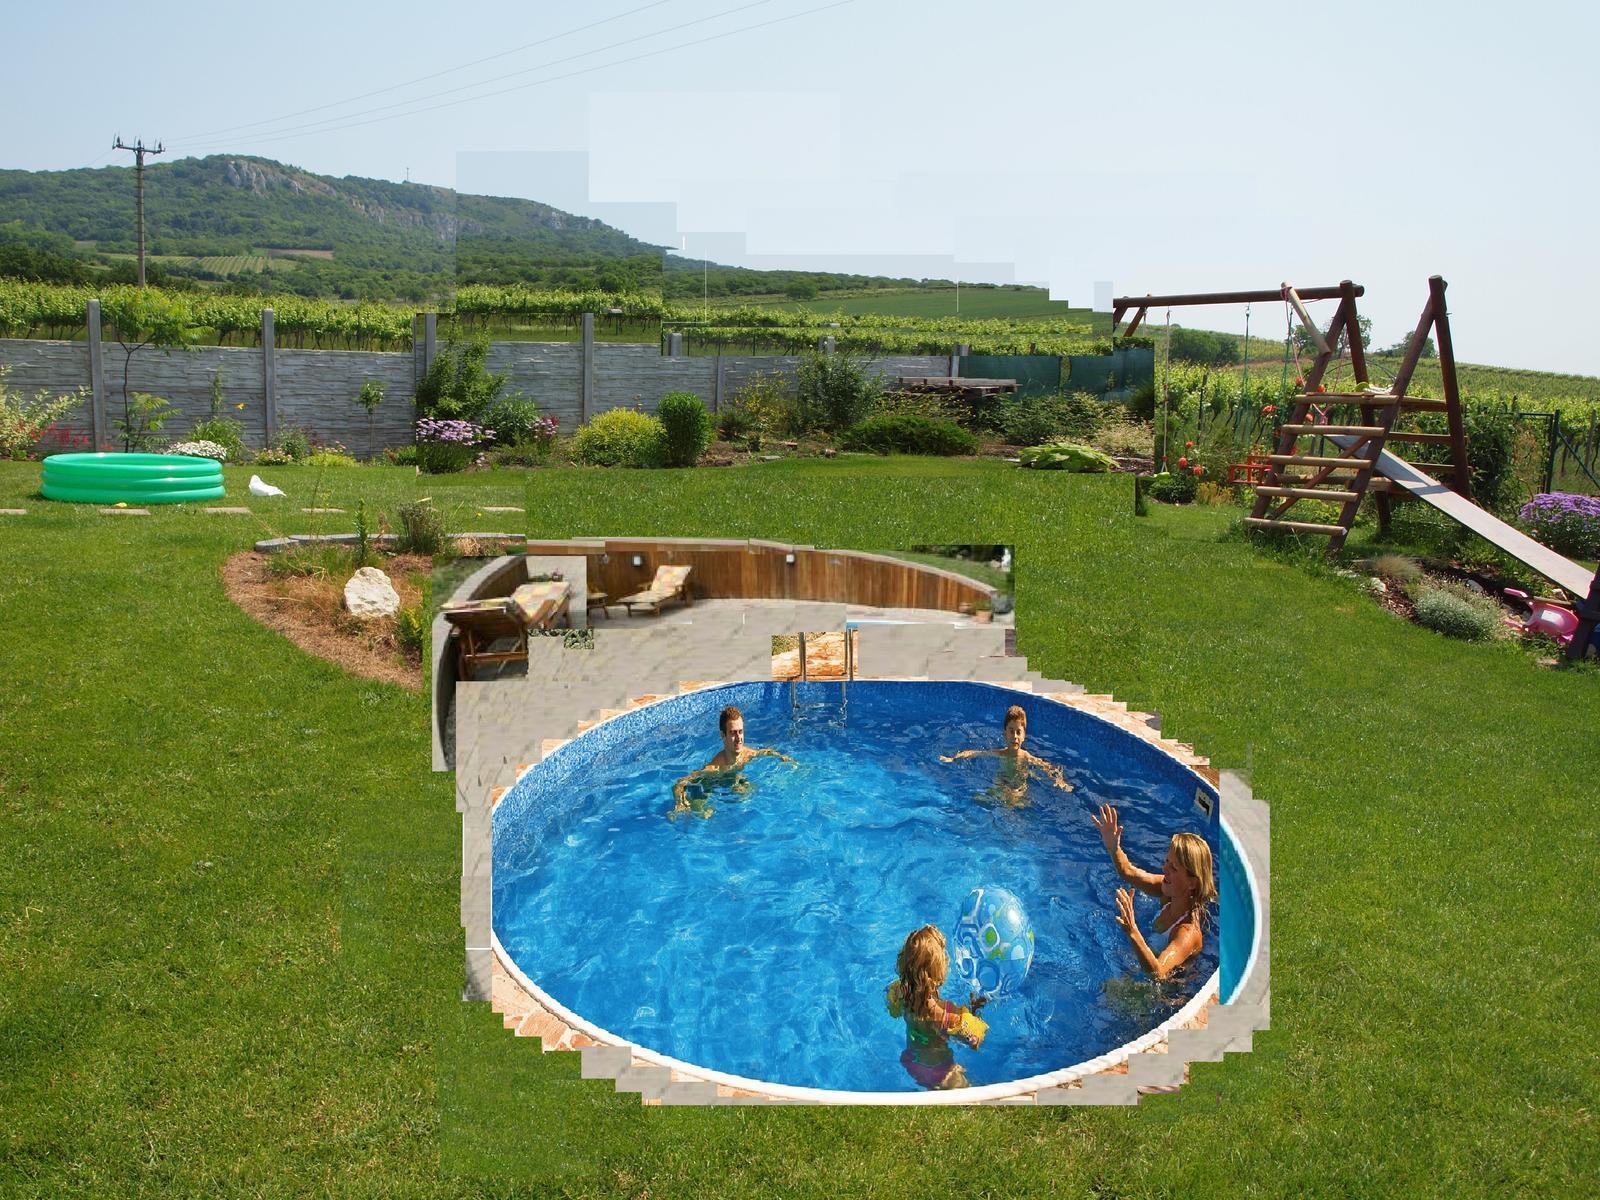 Zahrada - začaly hice a rozhodli jsme se taky pro bazének :-), první nástřel, jak by to mohlo vypadat, ale zídečka bude asi z kamene